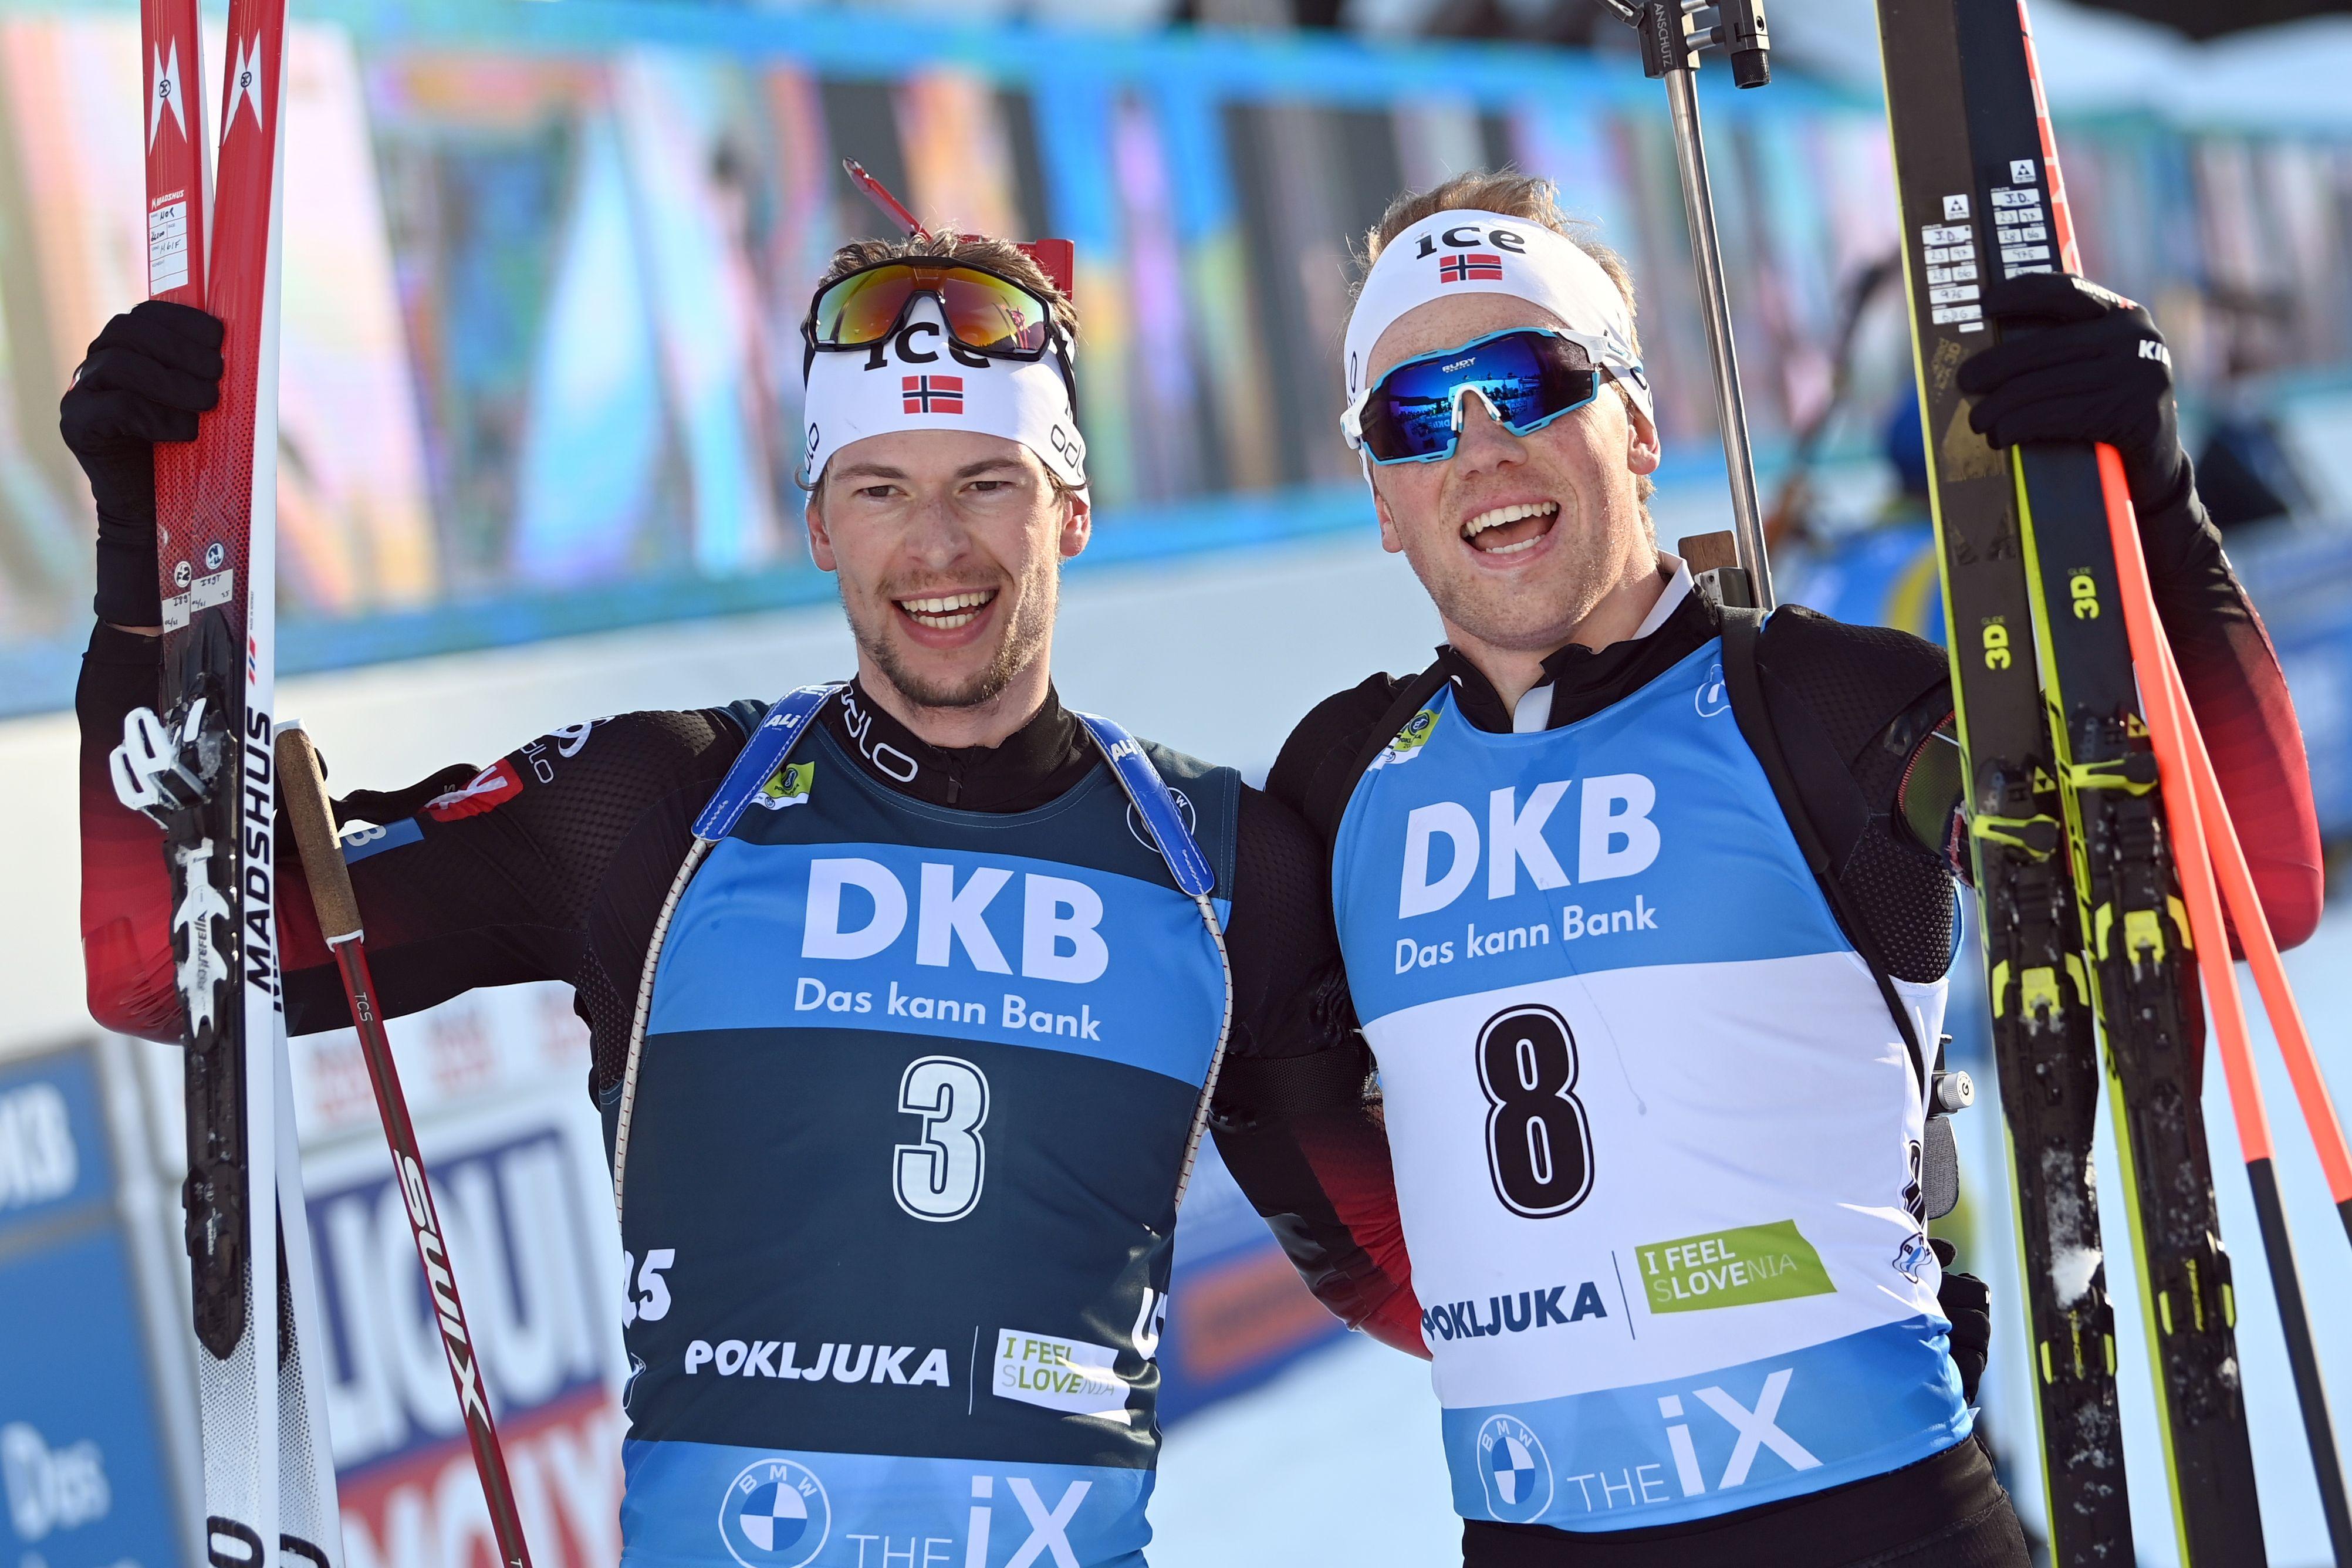 Норвегия выиграла медальный зачёт чемпионата мира по биатлону